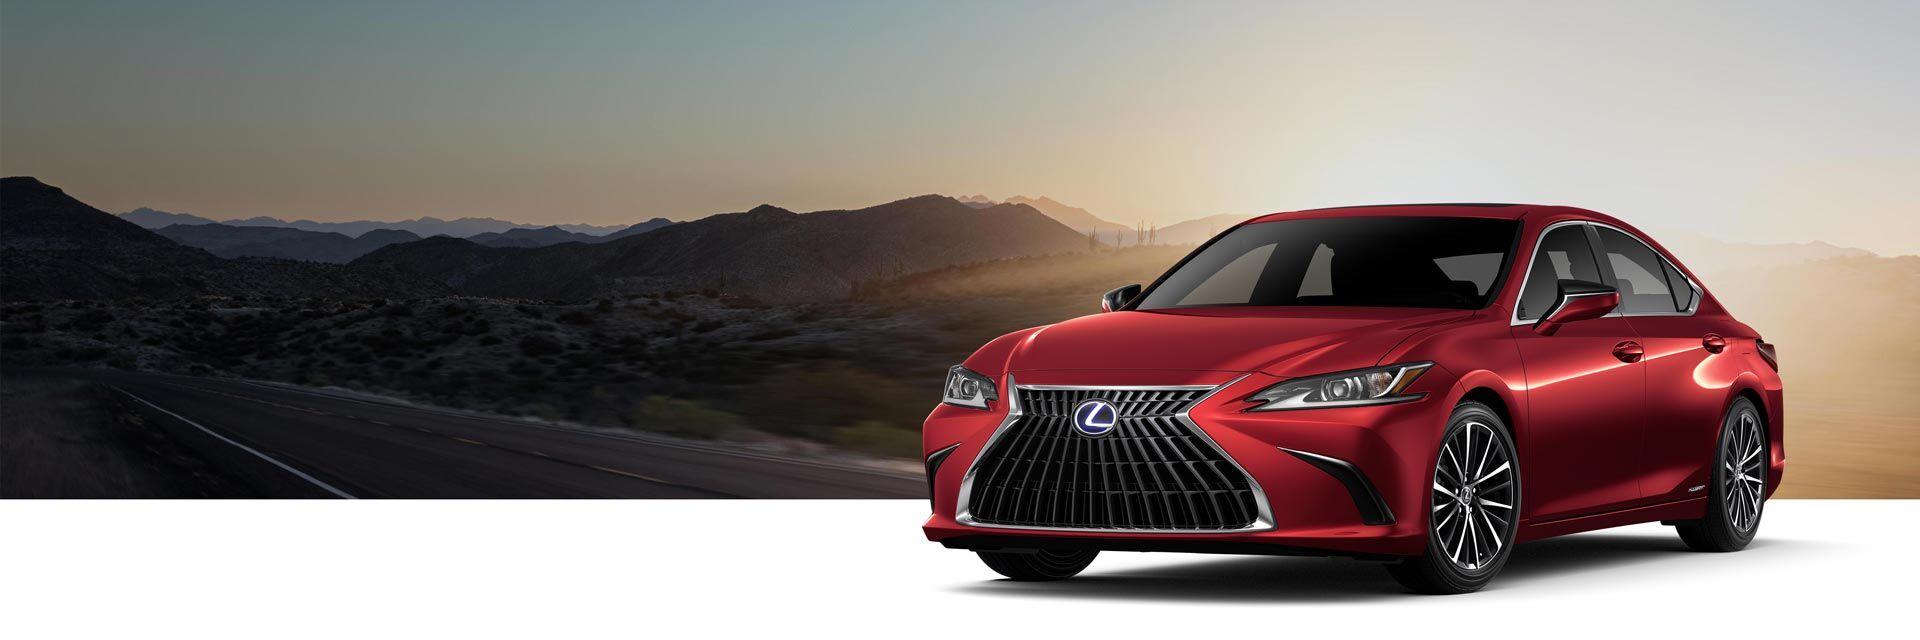 Exterior of the Lexus ES 300h Luxury shown in Matador Red Mica.